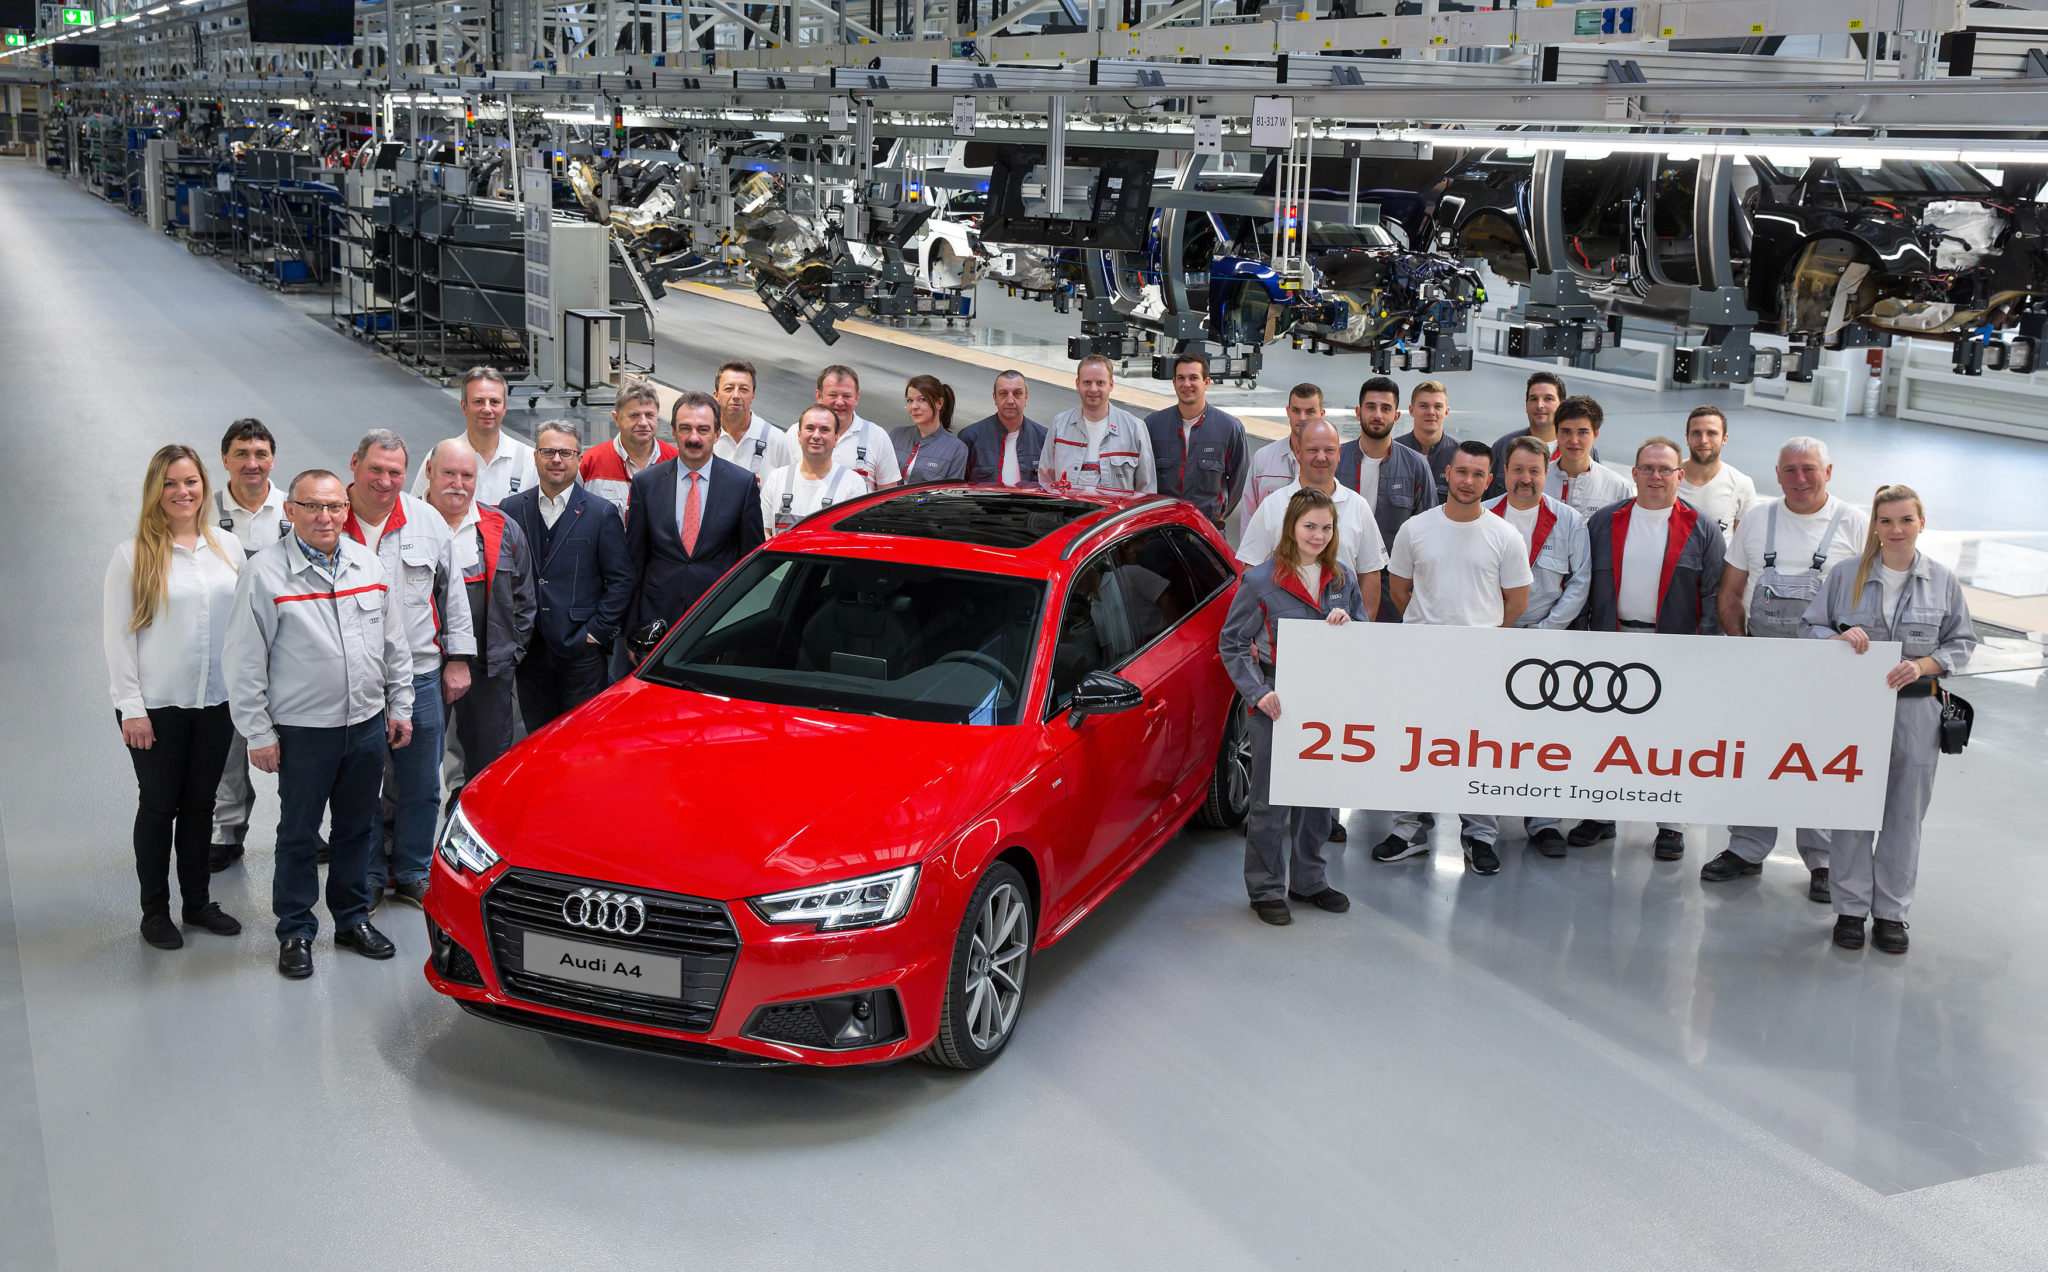 Audi A4 feiert 25.Geburtstag